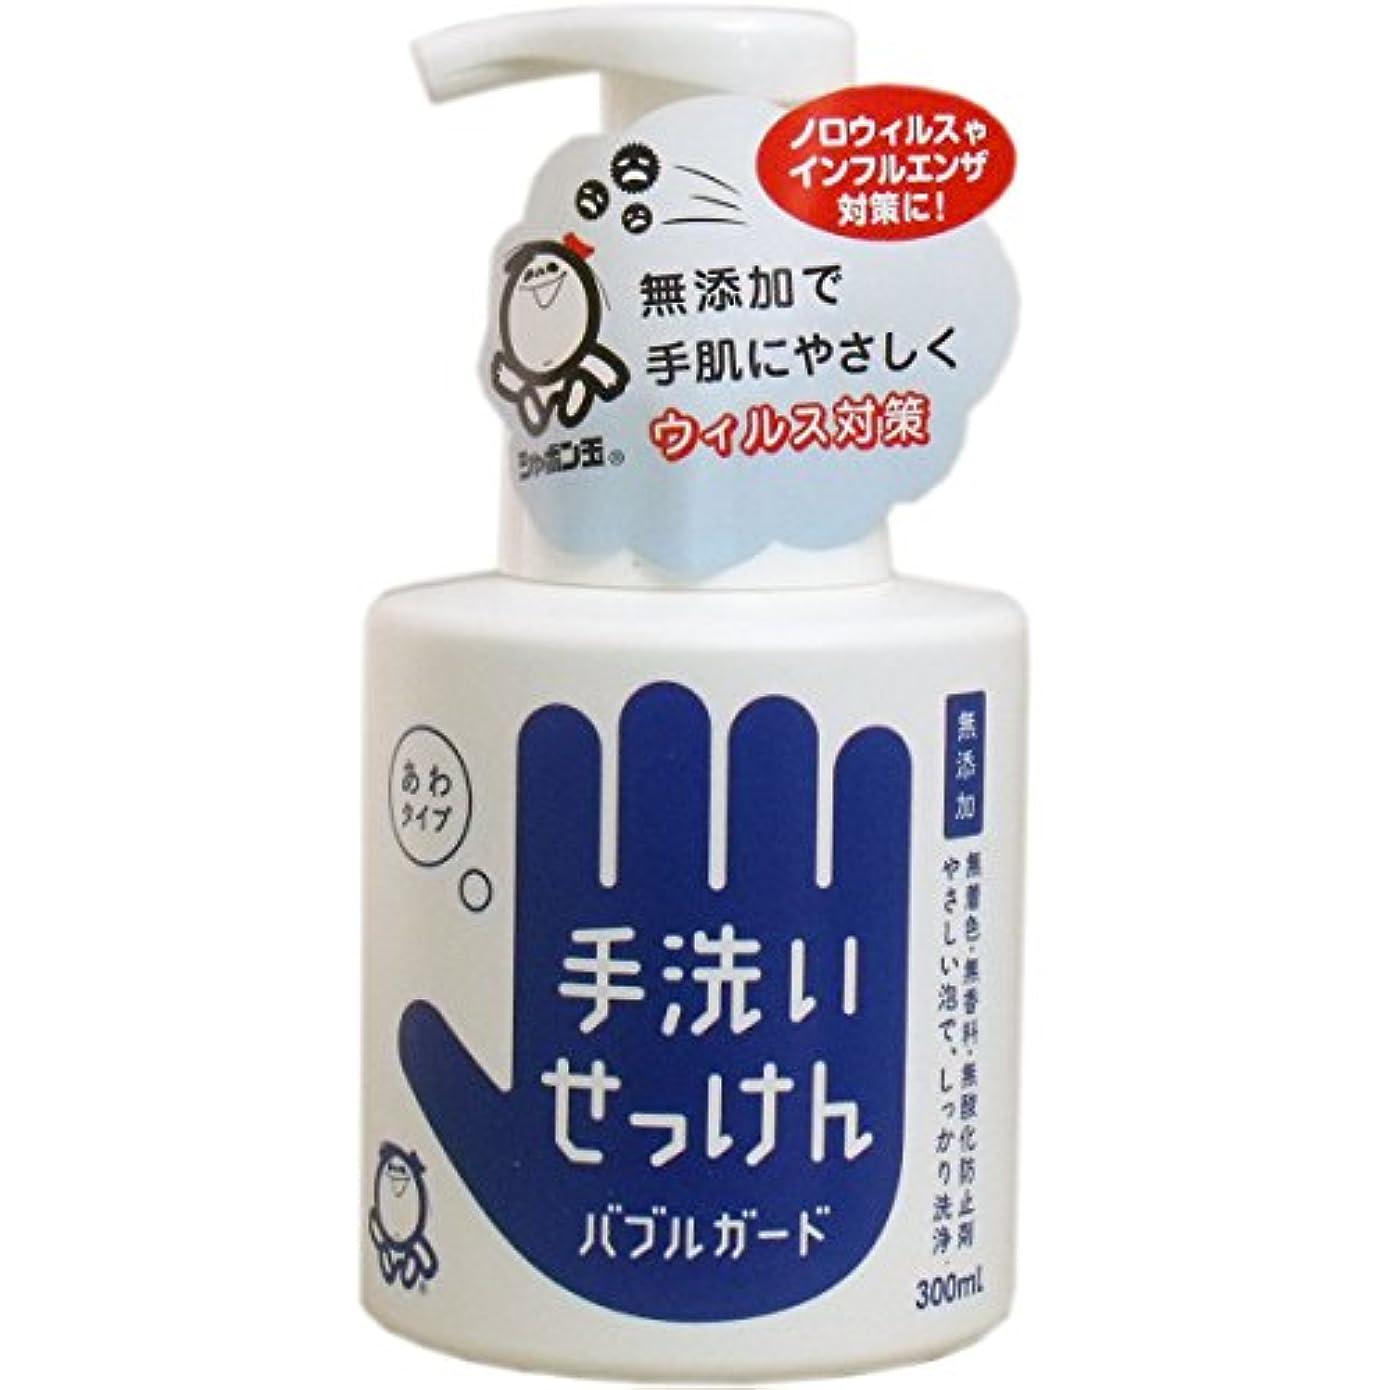 のれん検索知性シャボン玉石けん 手洗いせっけん バブルガード 本体 300ml 1本